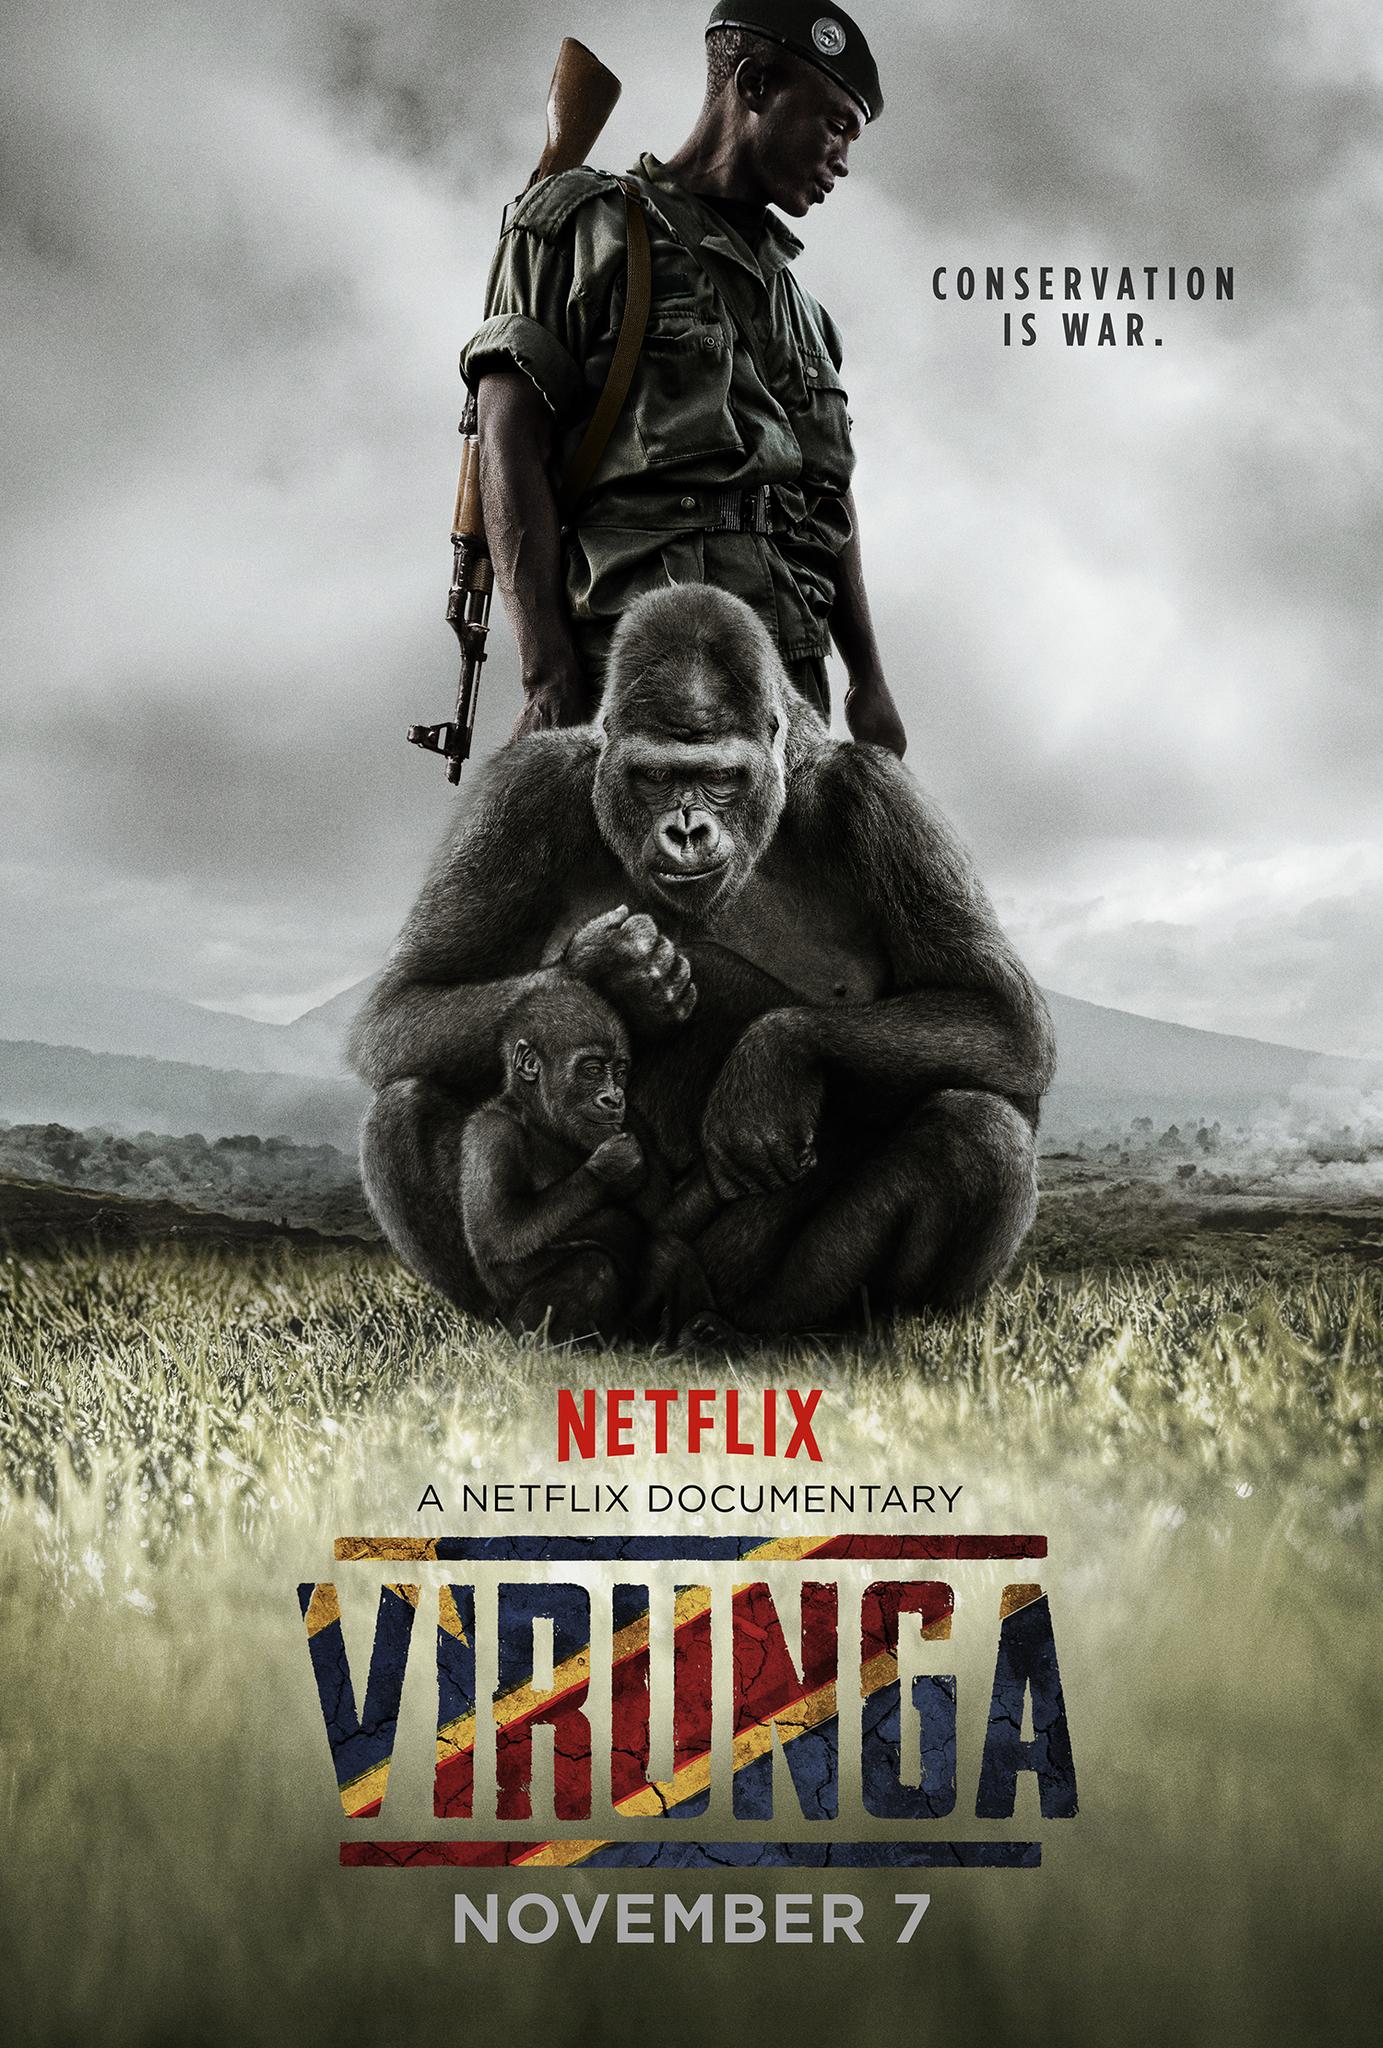 Virunga Air-Edel